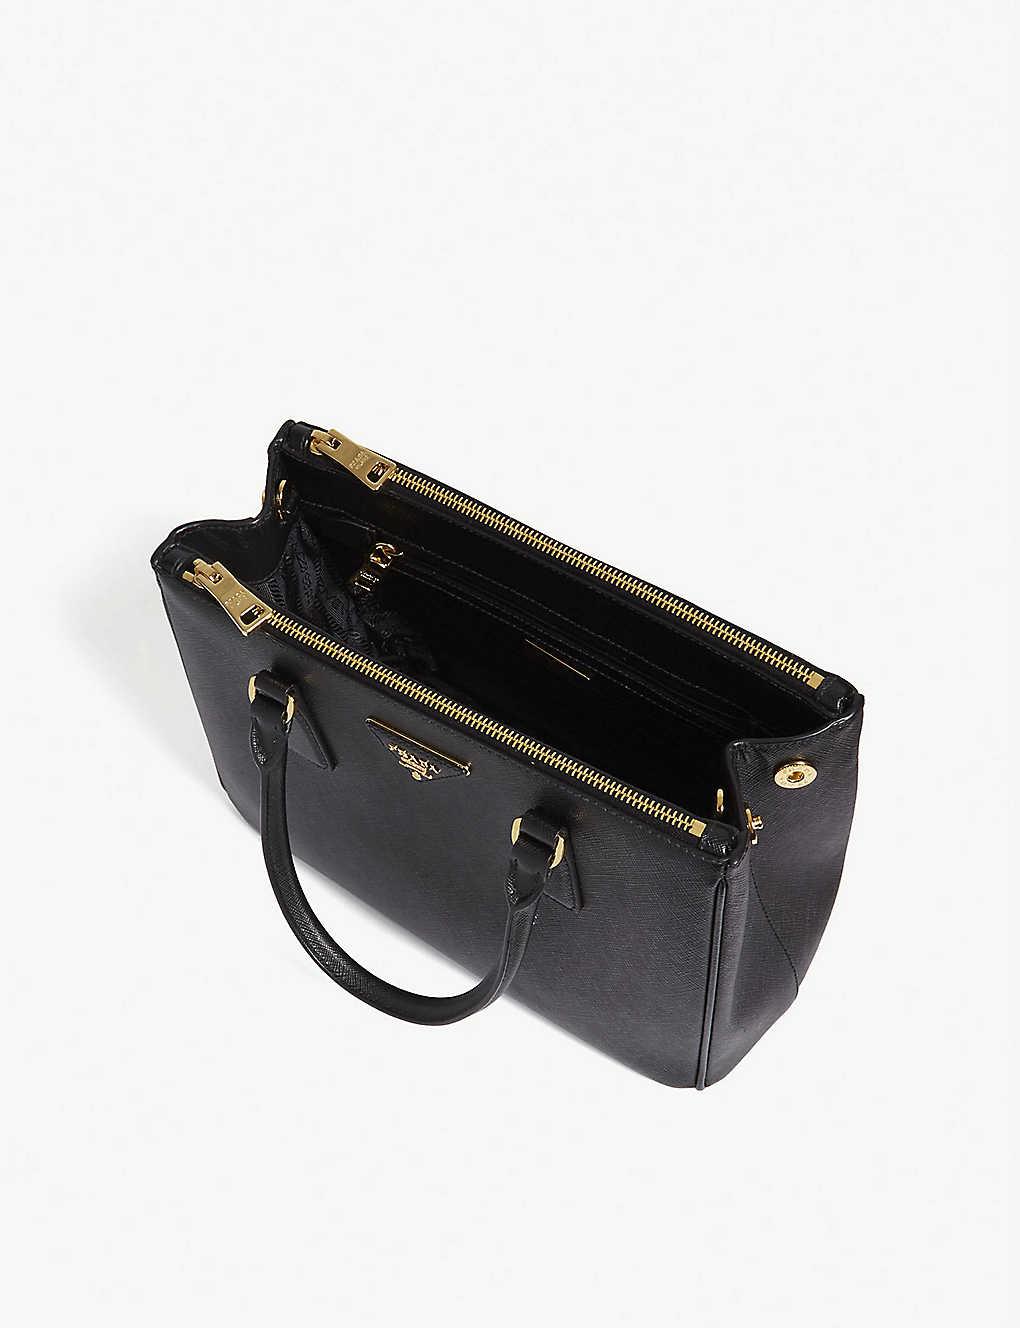 d3aab9c40339f4 PRADA - Galleria medium leather tote | Selfridges.com